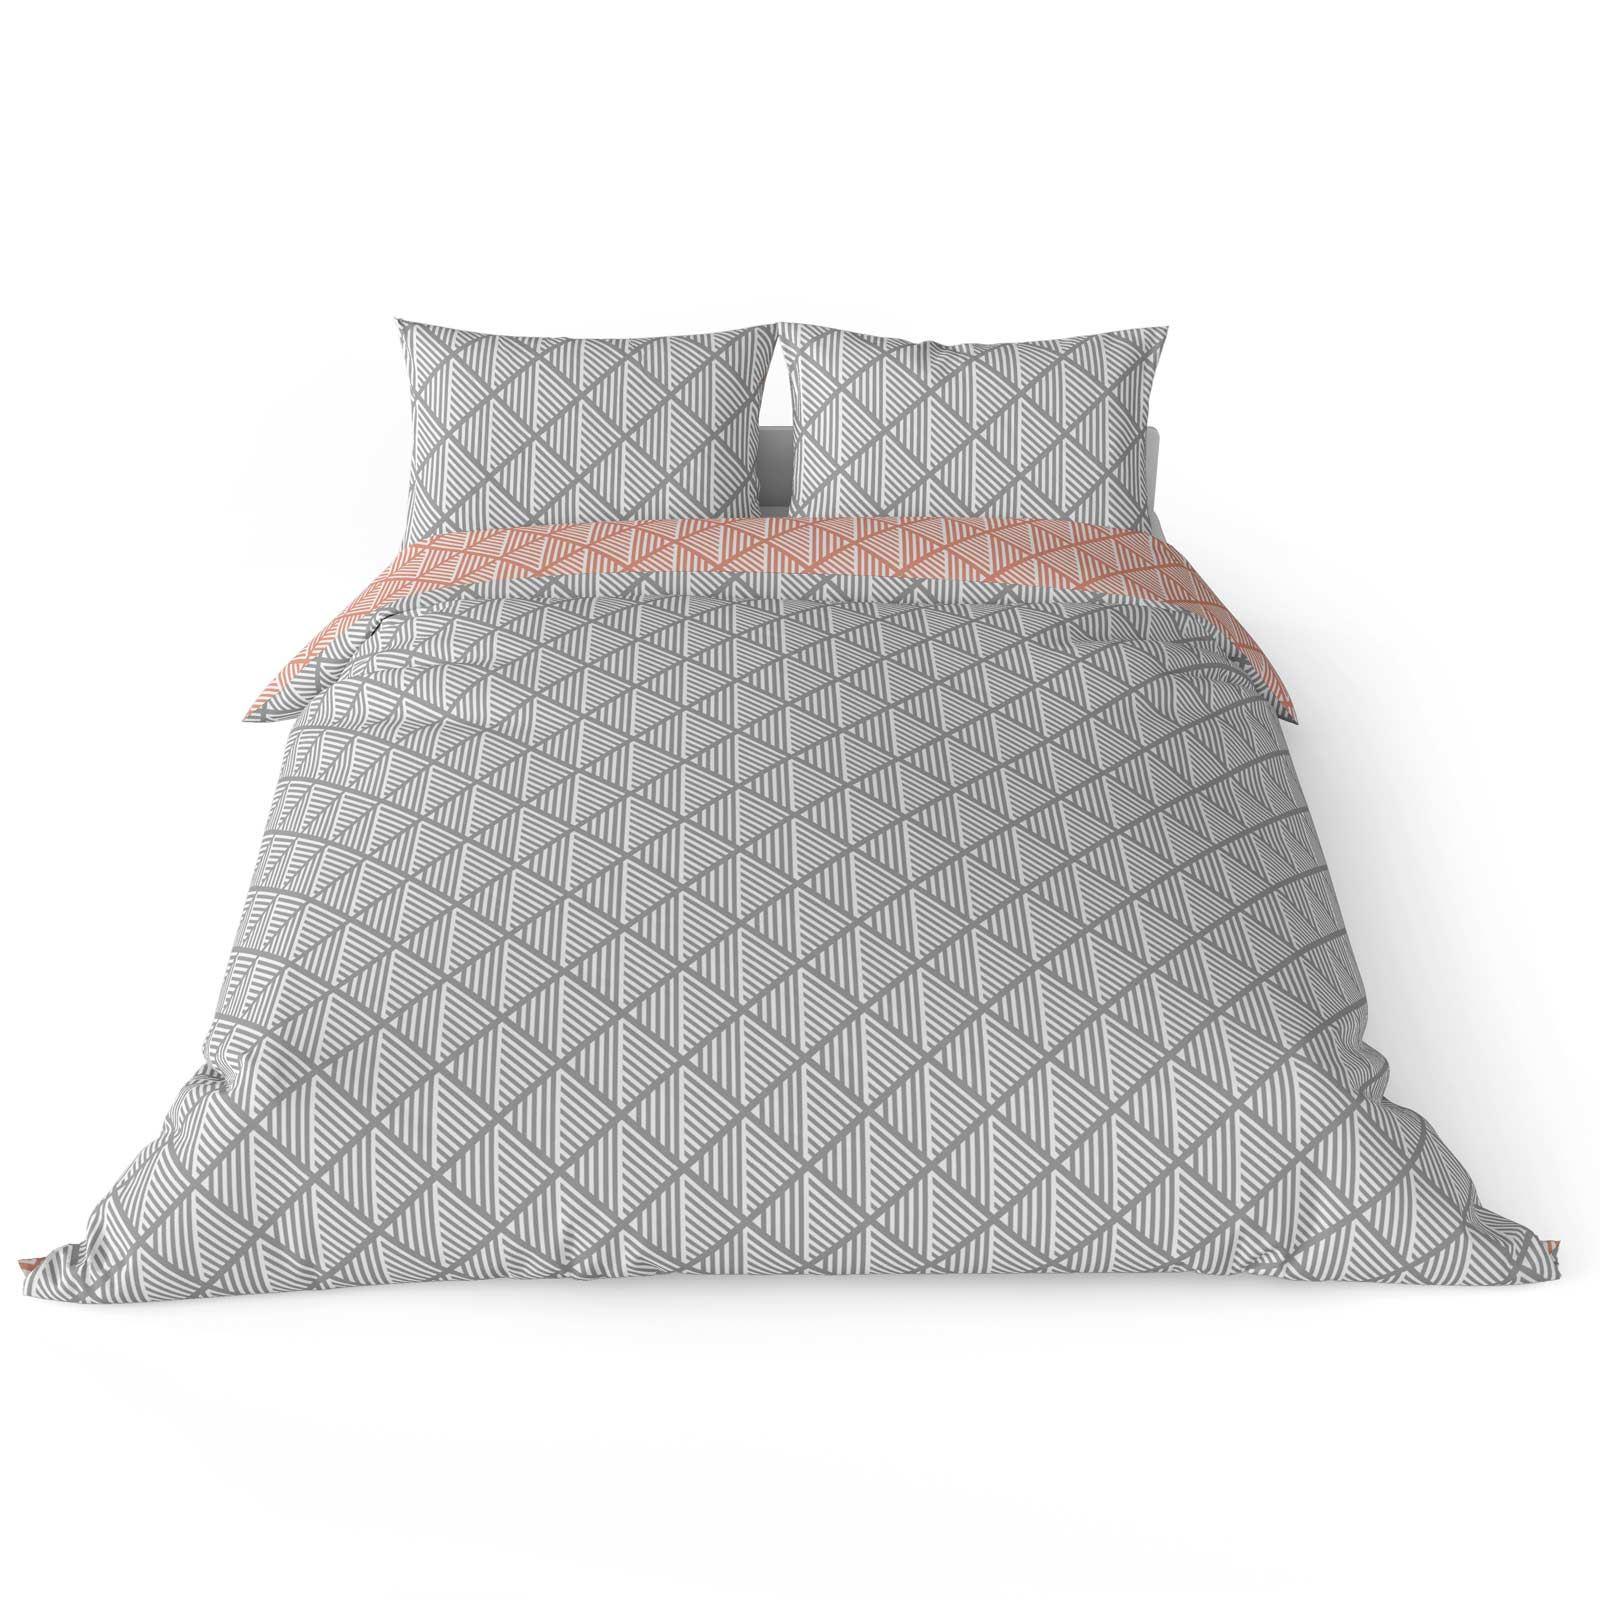 Grigio-Argento-Copripiumino-Stampato-Jacquard-Quilt-Set-Set-di-biancheria-da-letto-copre miniatura 28